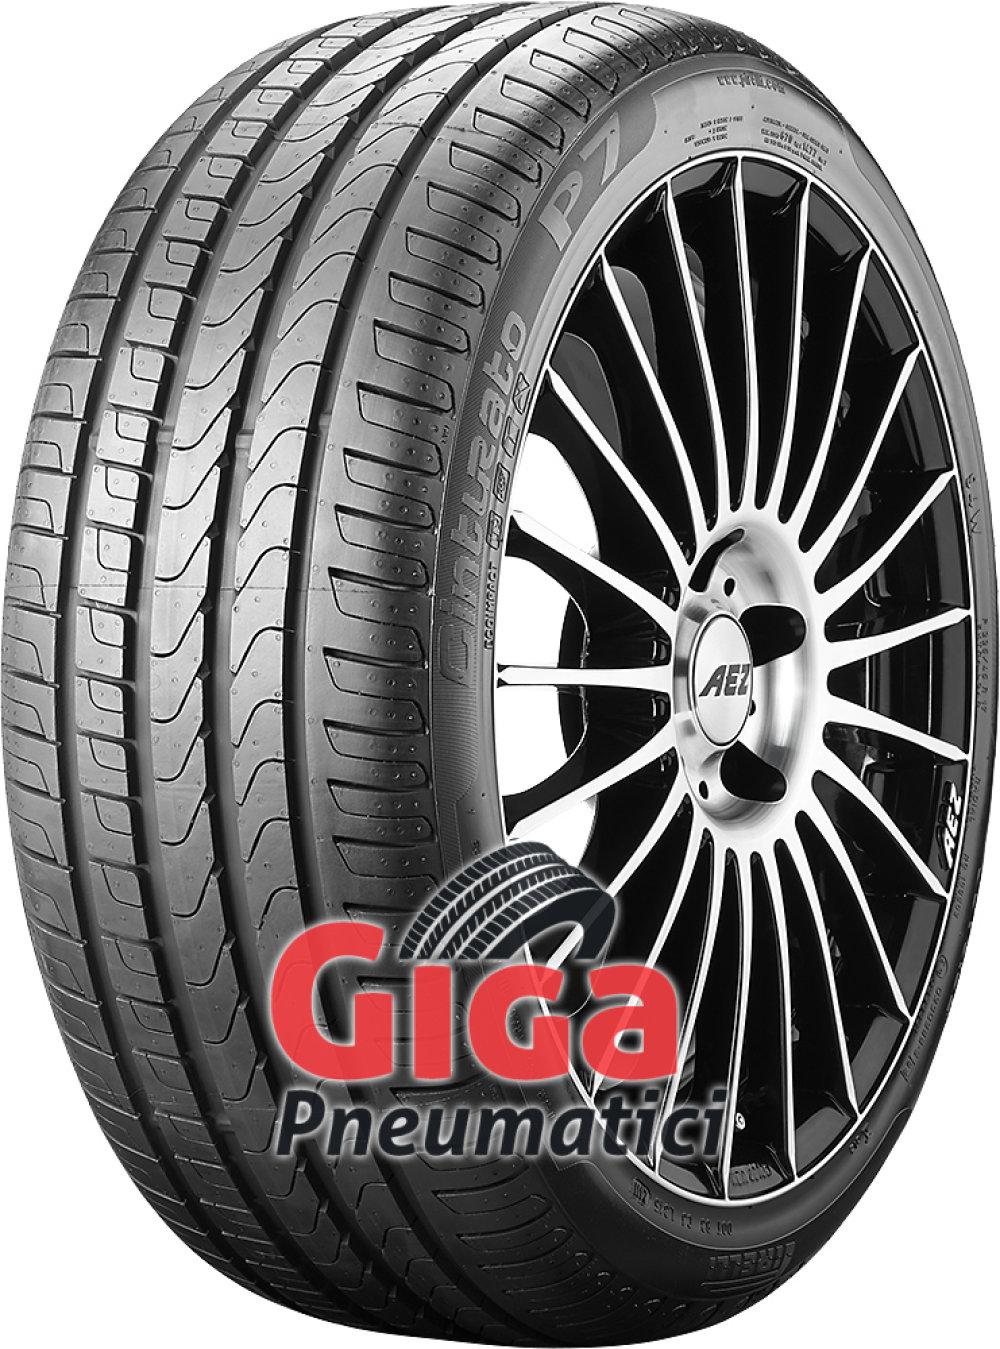 Pirelli Cinturato P7 ( 205/55 R16 91H *, ECOIMPACT )